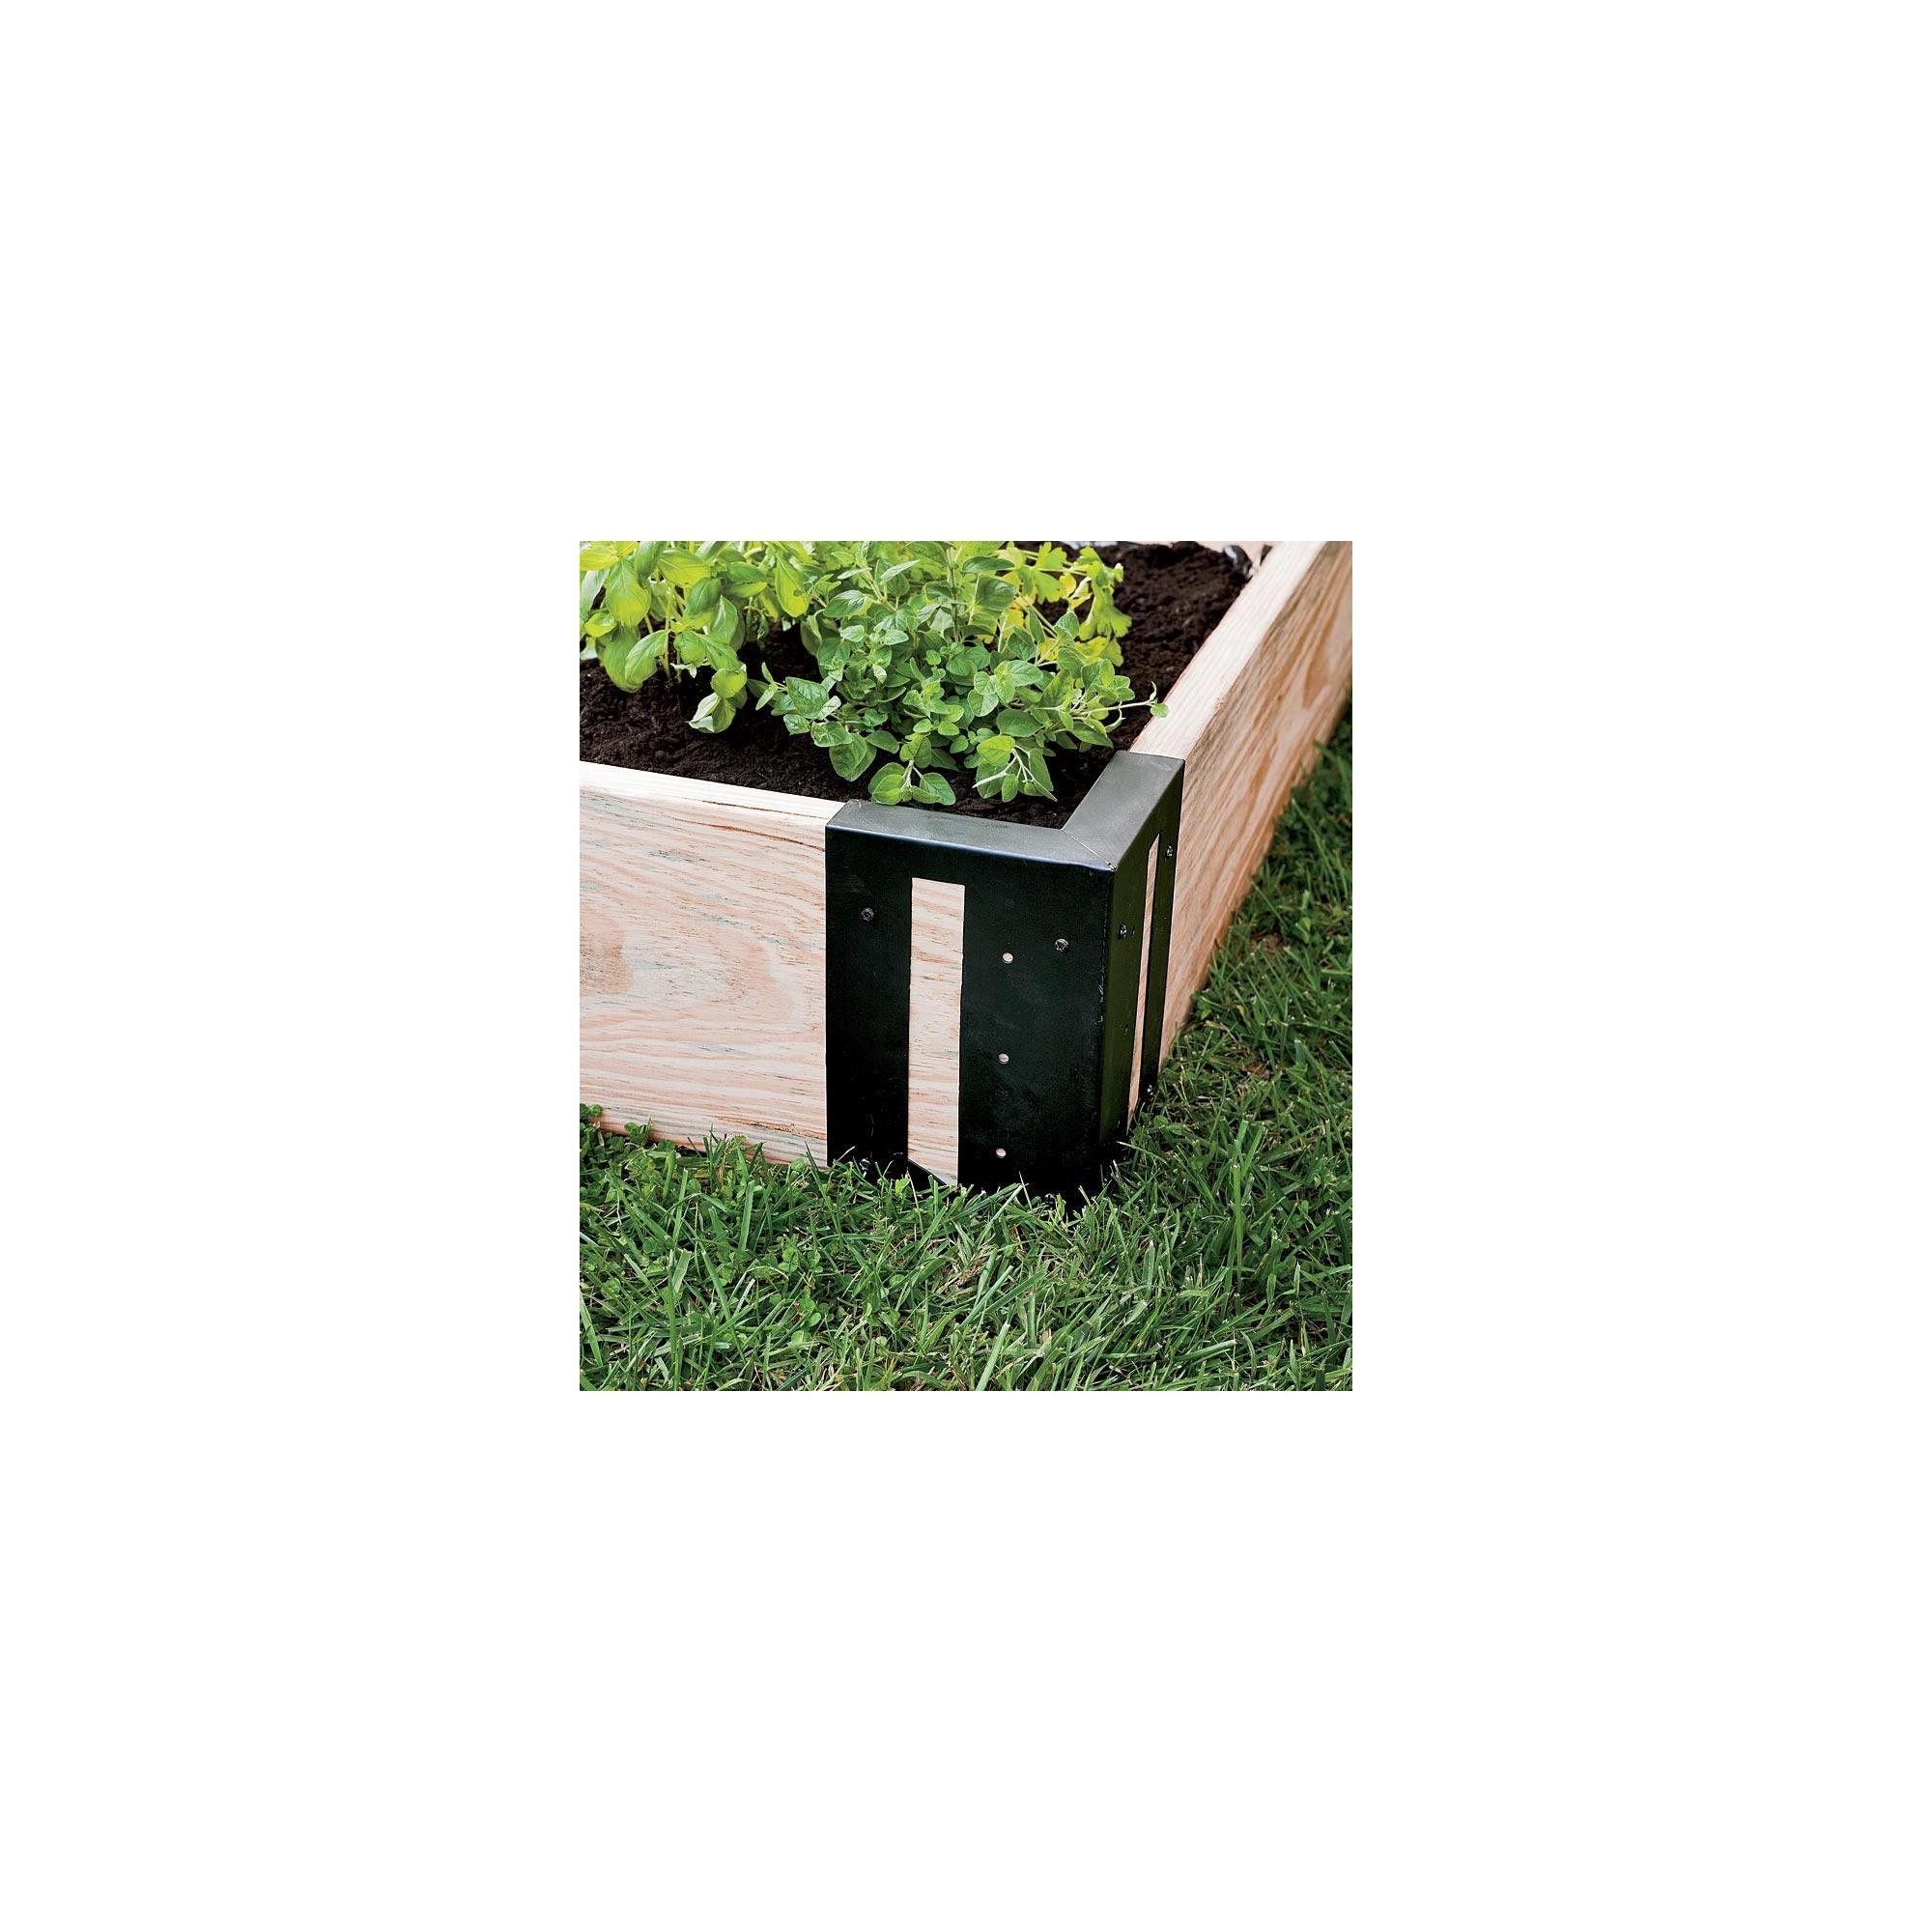 Solid Steel Raised Garden Bed Corner Brackets Set Of 4 Plow